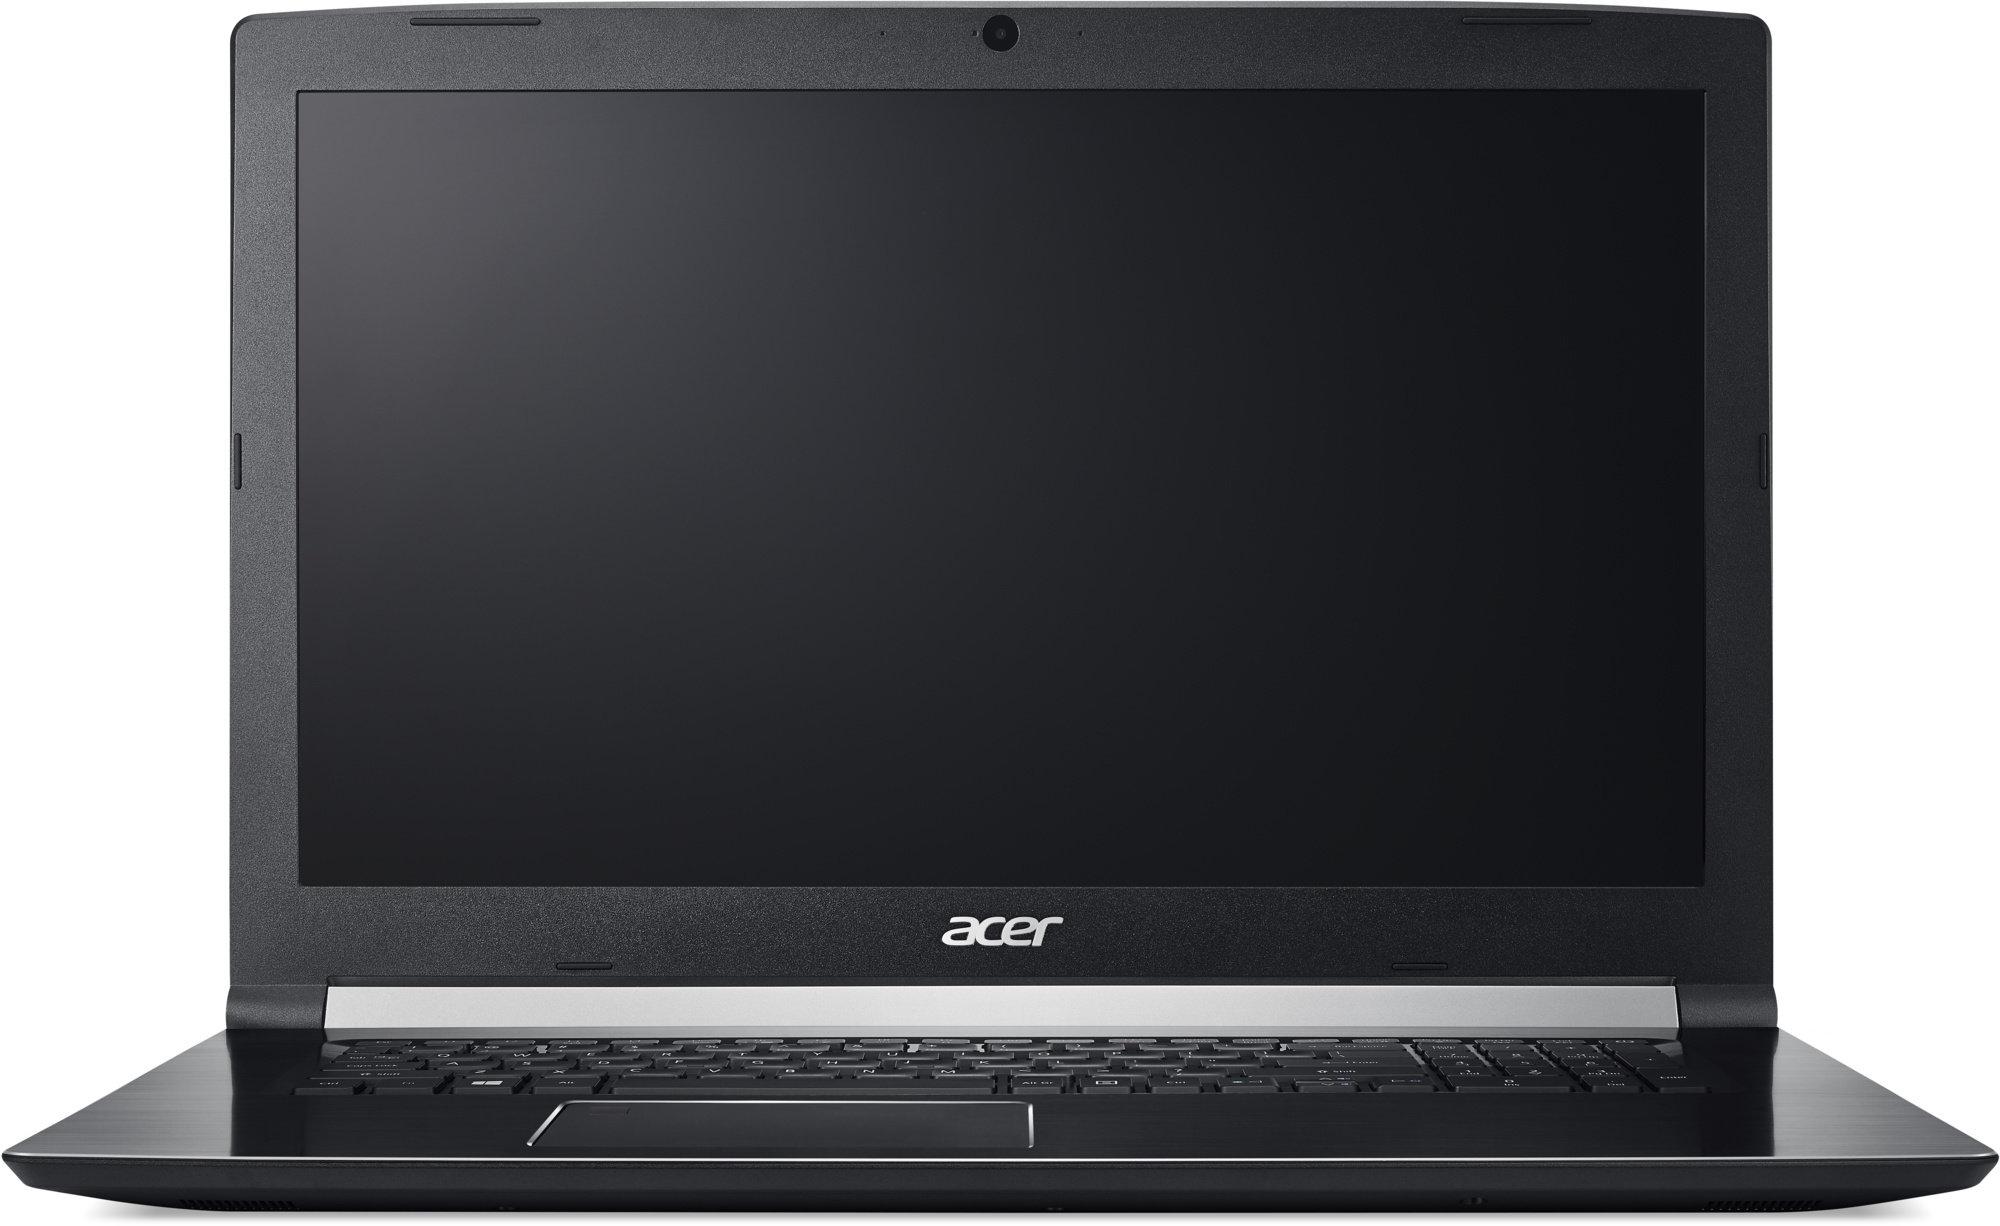 """Acer Aspire 7 (A717-71G-75W6) i7-7700HQ/8GB+N/128GB SSD M.2+1TB/GTX 1060 6GB/17.3"""" FHD IPS matný/BT/W10 Home/Black"""